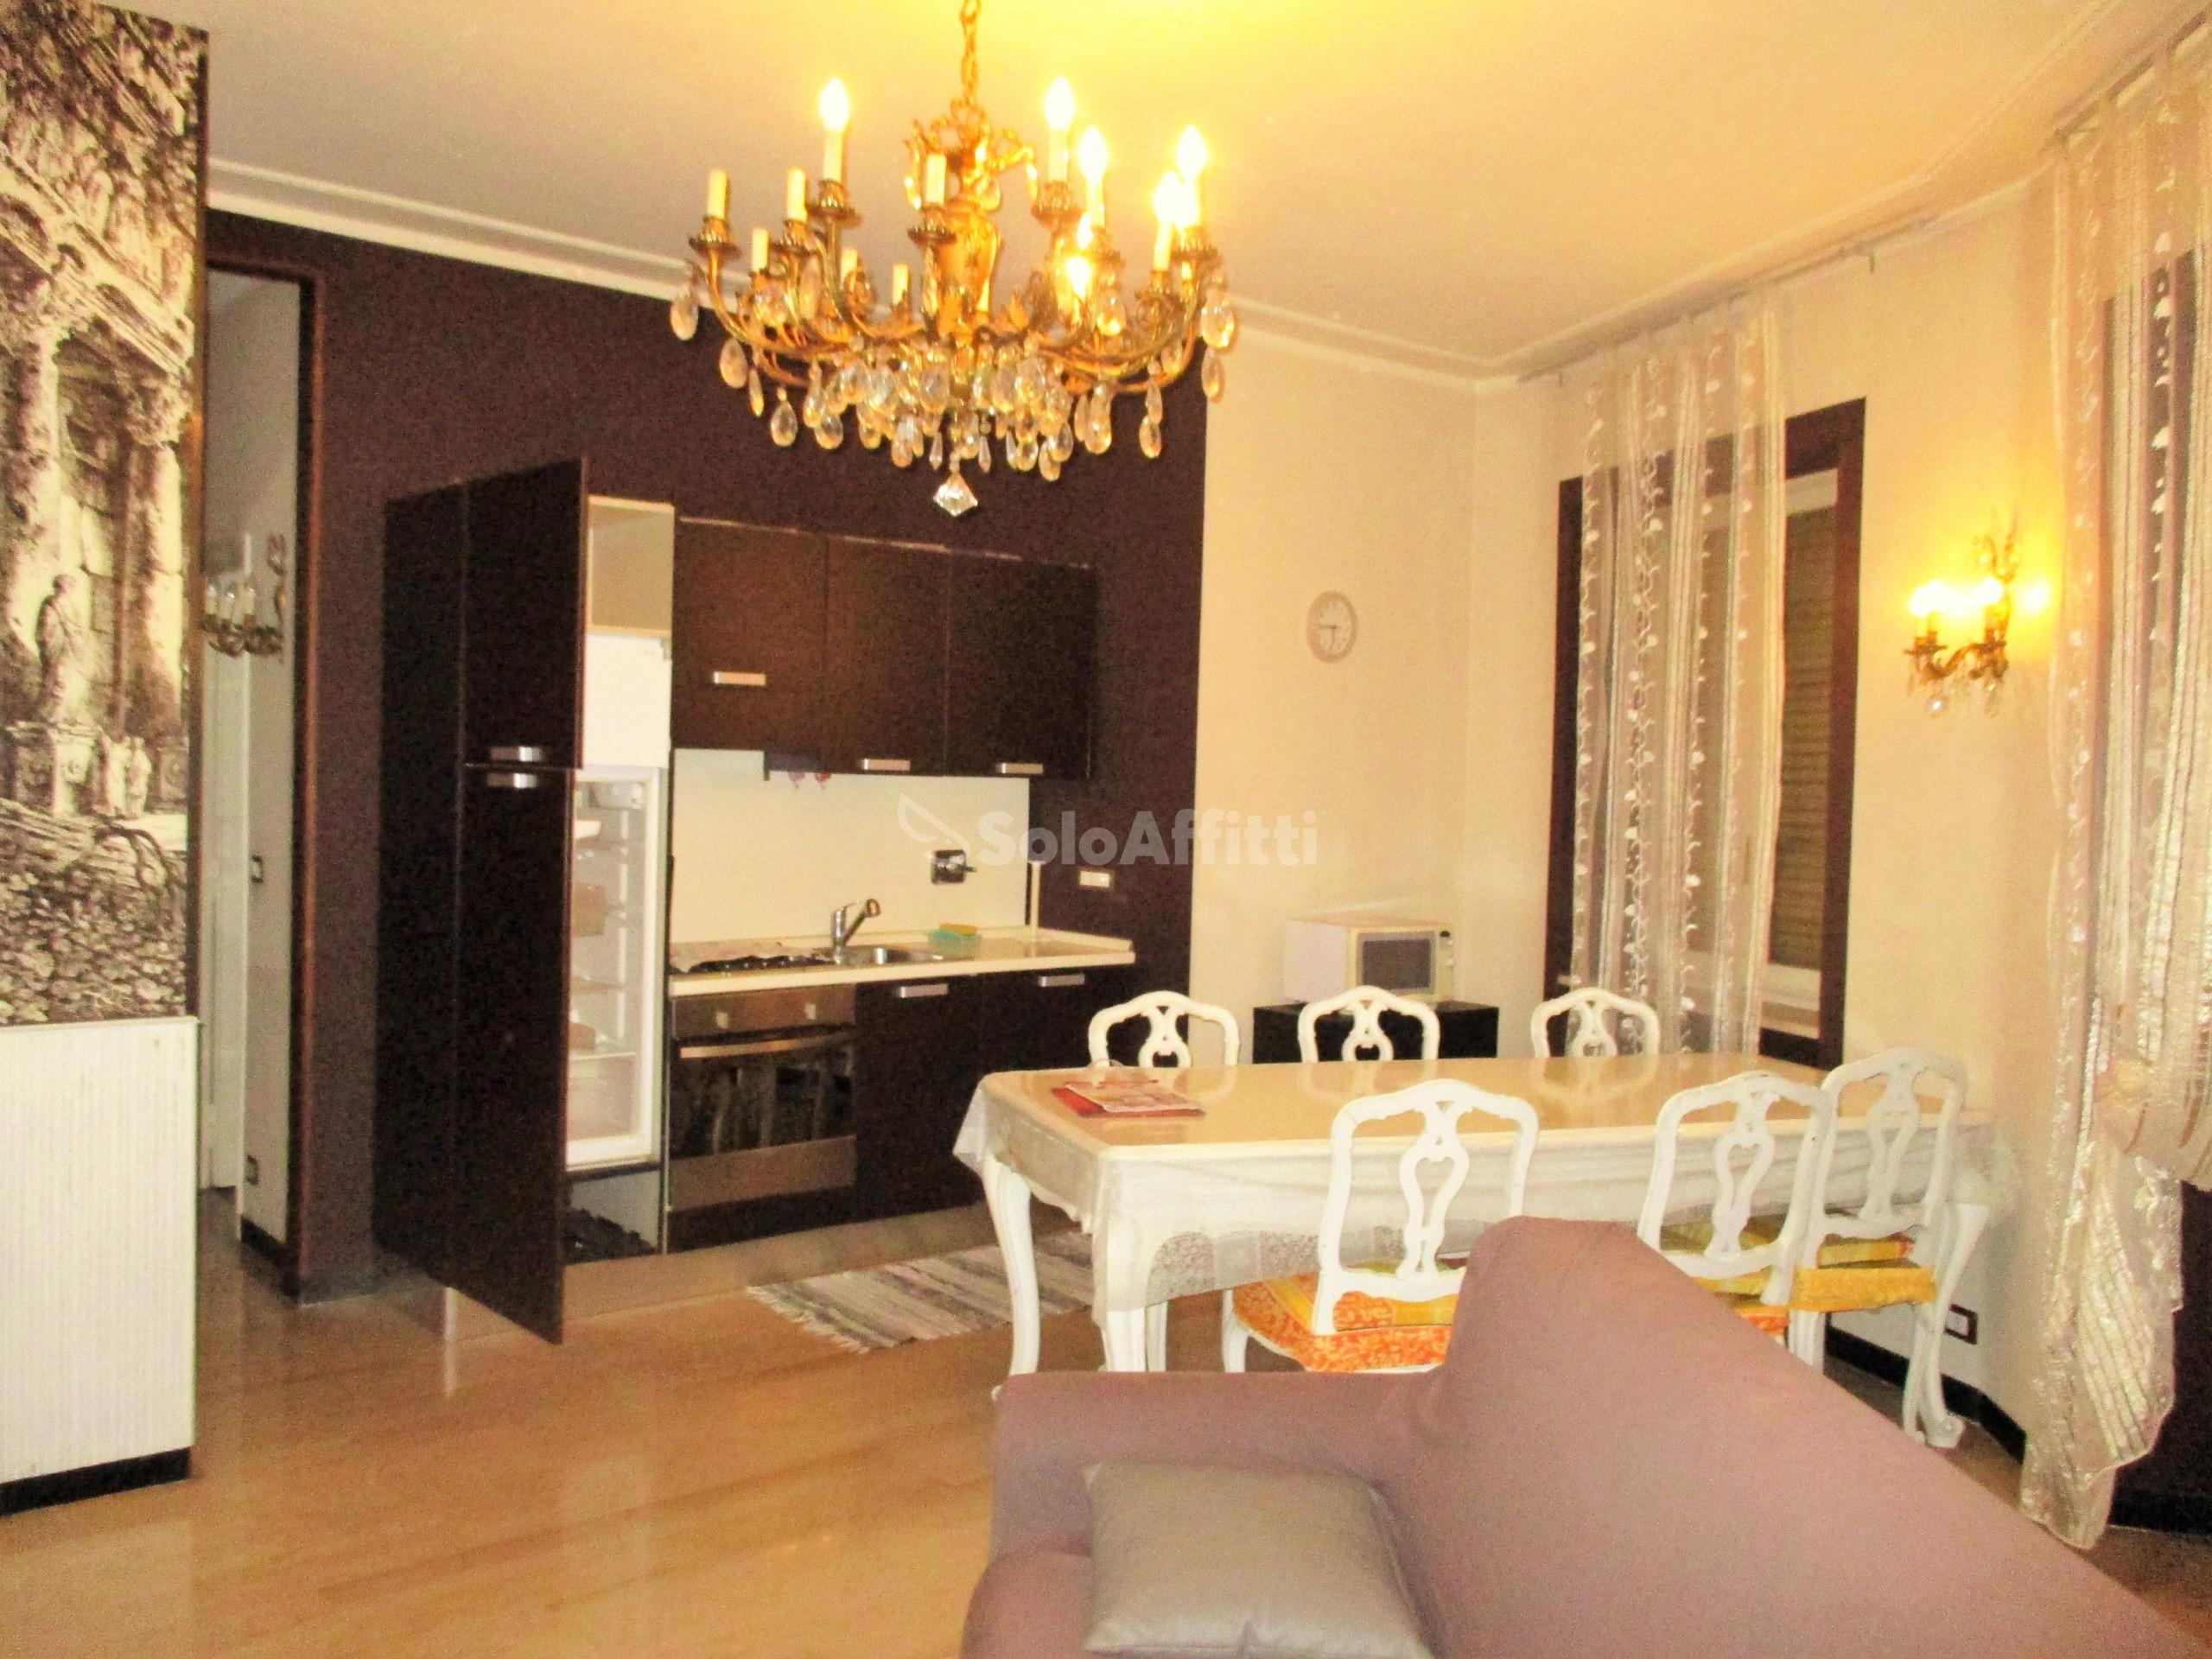 Affitto appartamento bilocale arredato 70 mq for Affitto collegno arredato